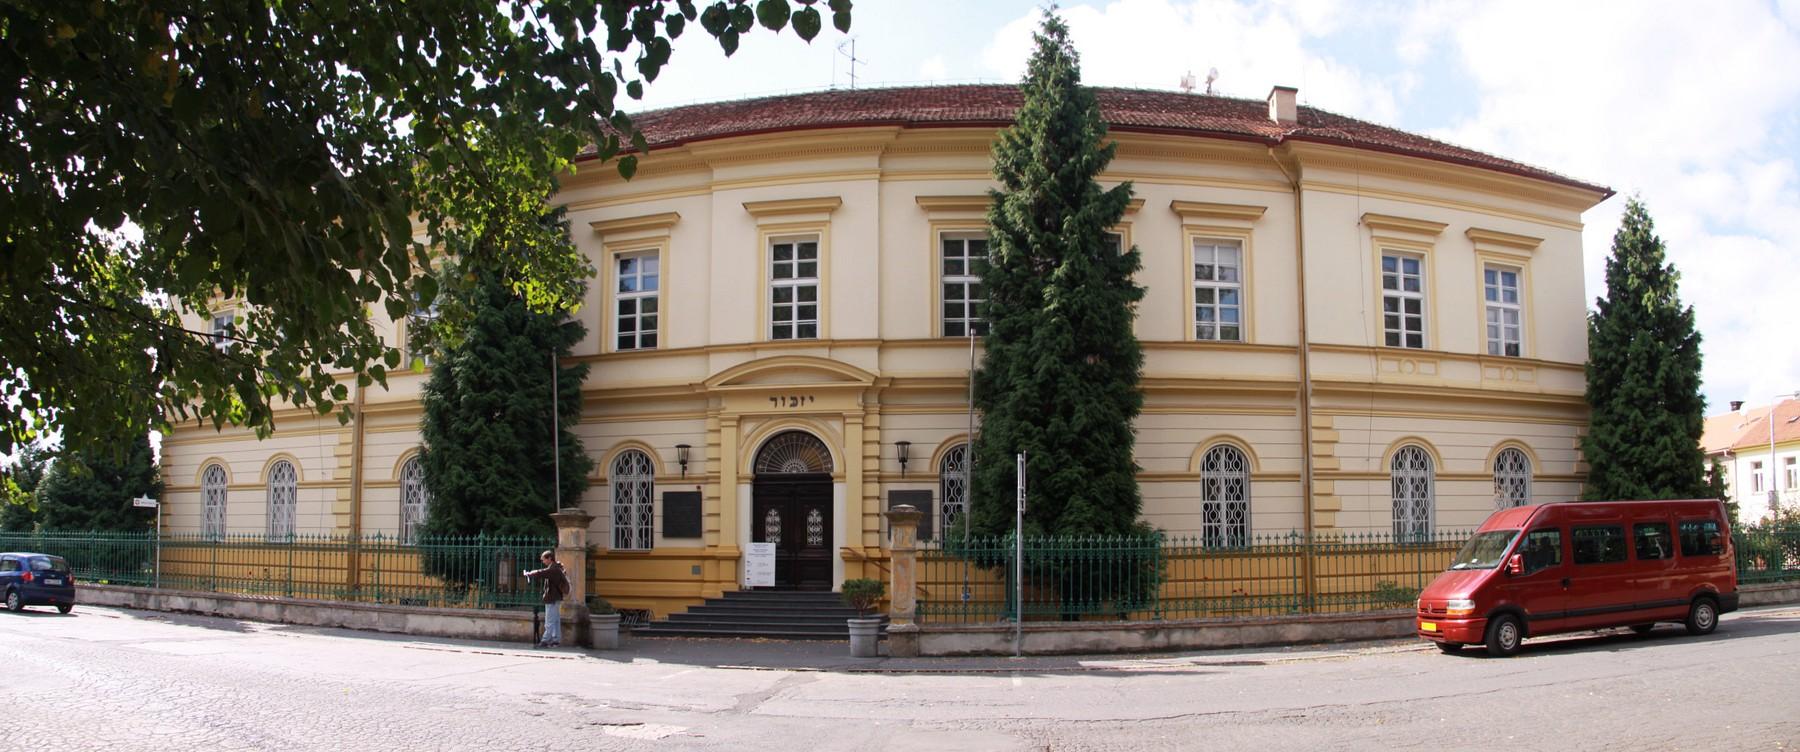 Muzeum ghetta v Terezíně, součást Památníku Terezín